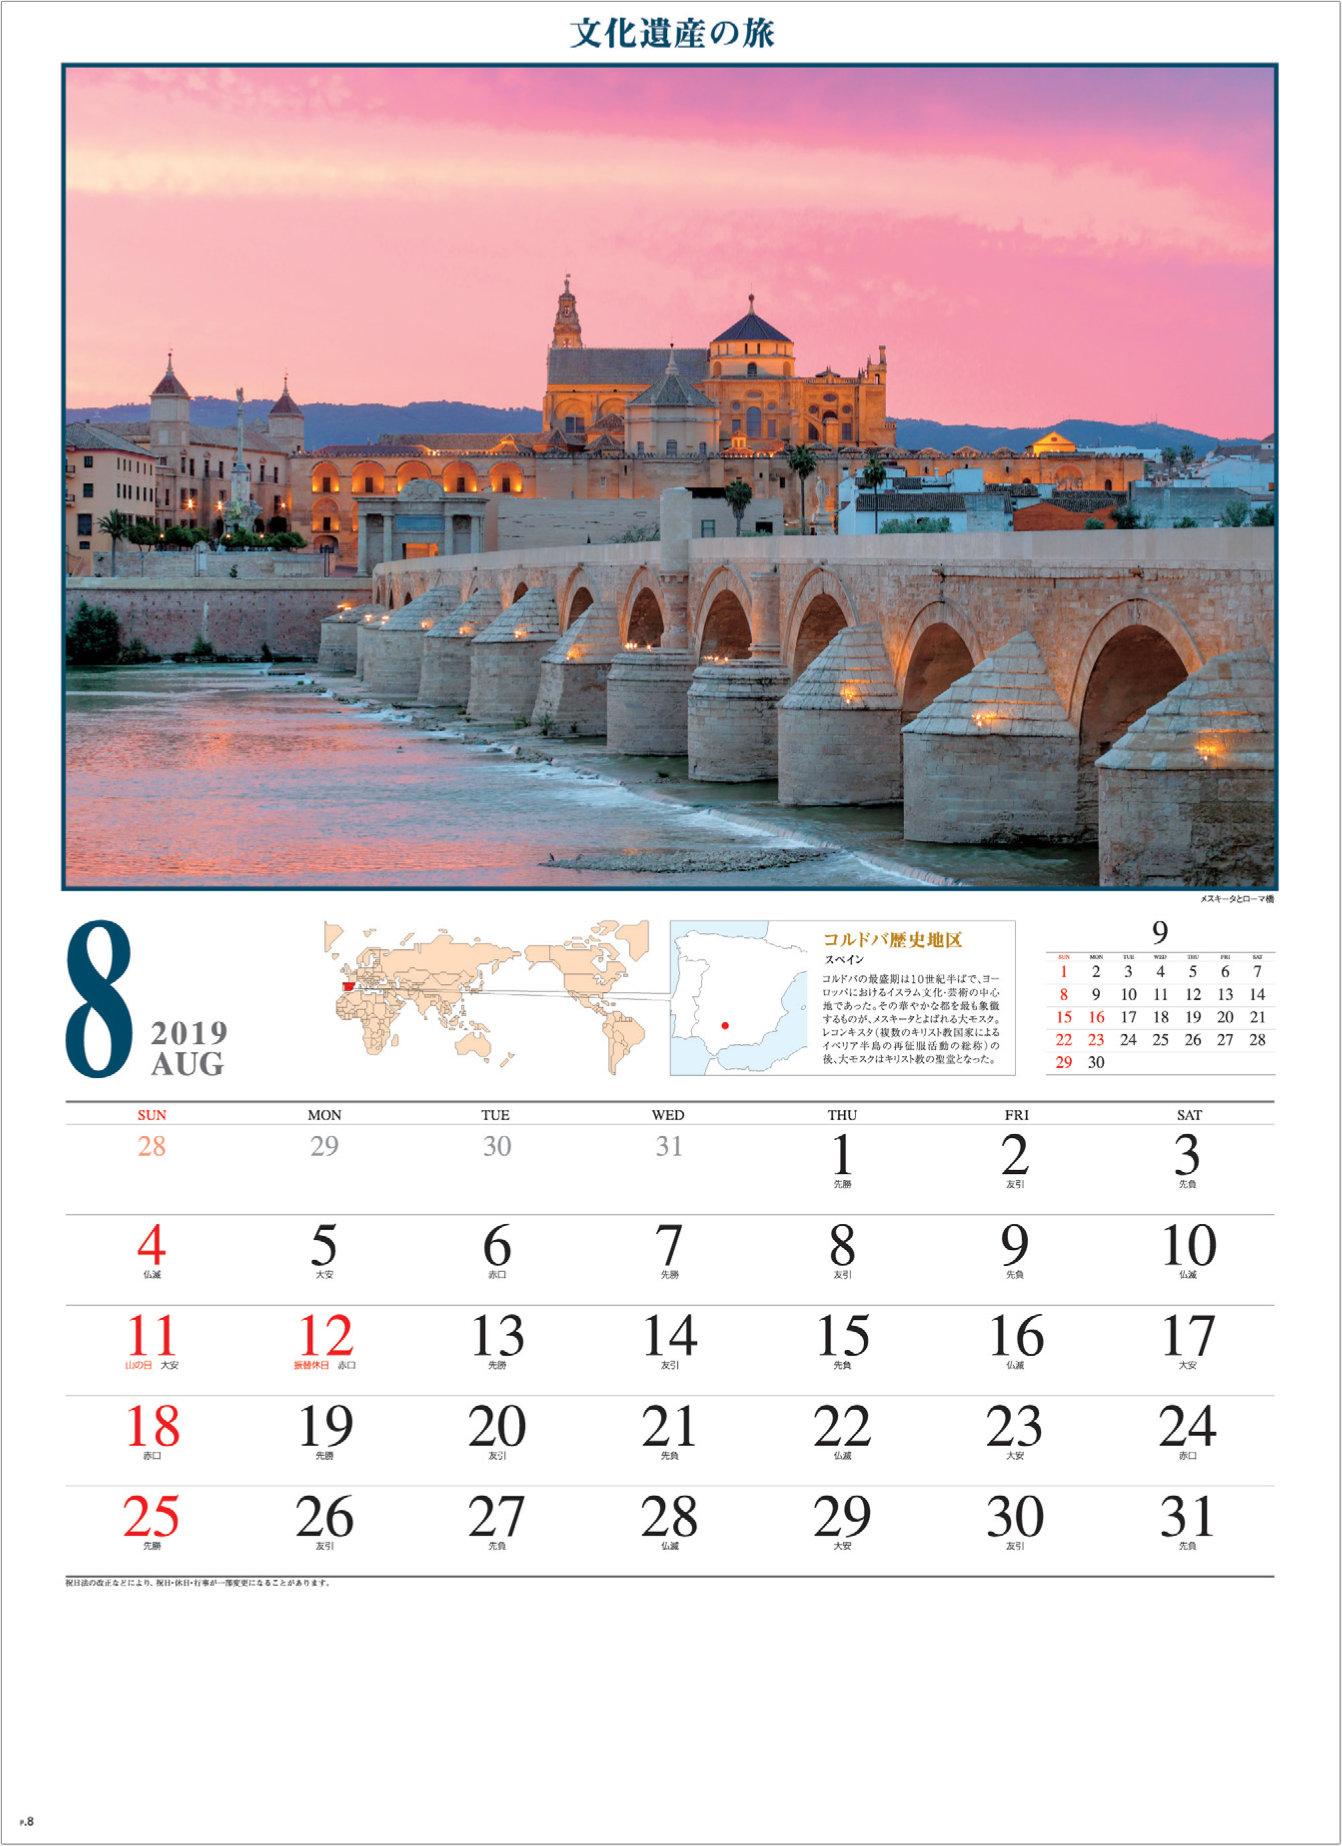 画像:スペイン メスキータとローマ橋 文化遺産の旅(ユネスコ世界遺産) 2019年カレンダー